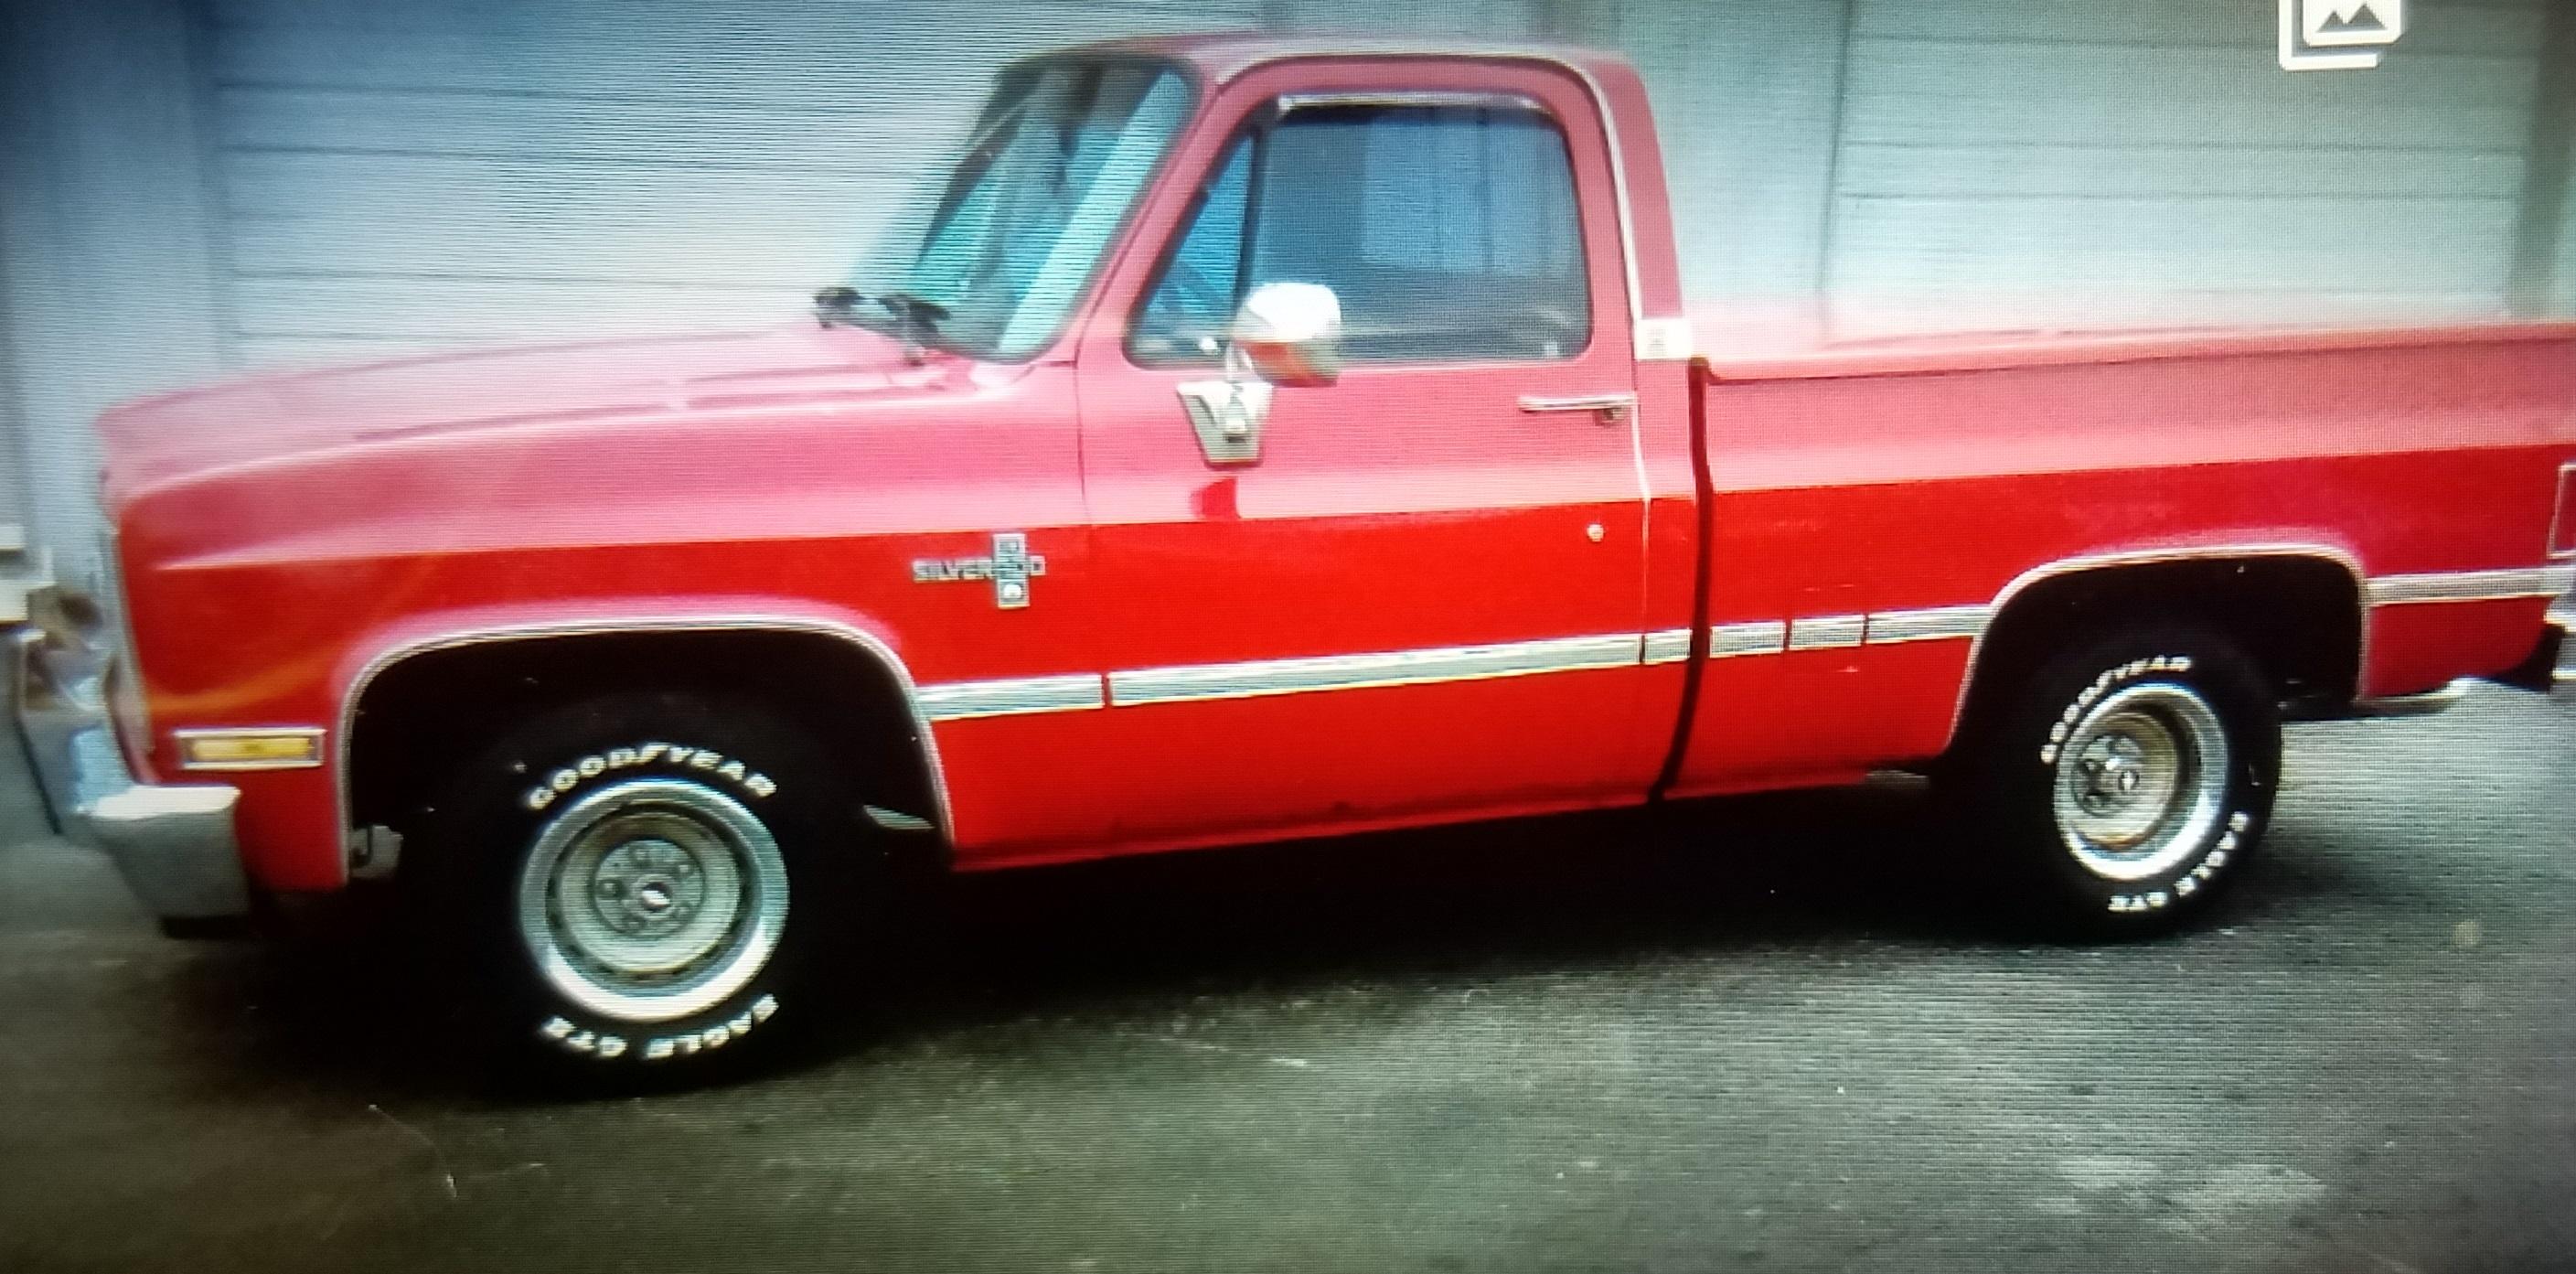 Vandals hit antique truck in Murfreesboro